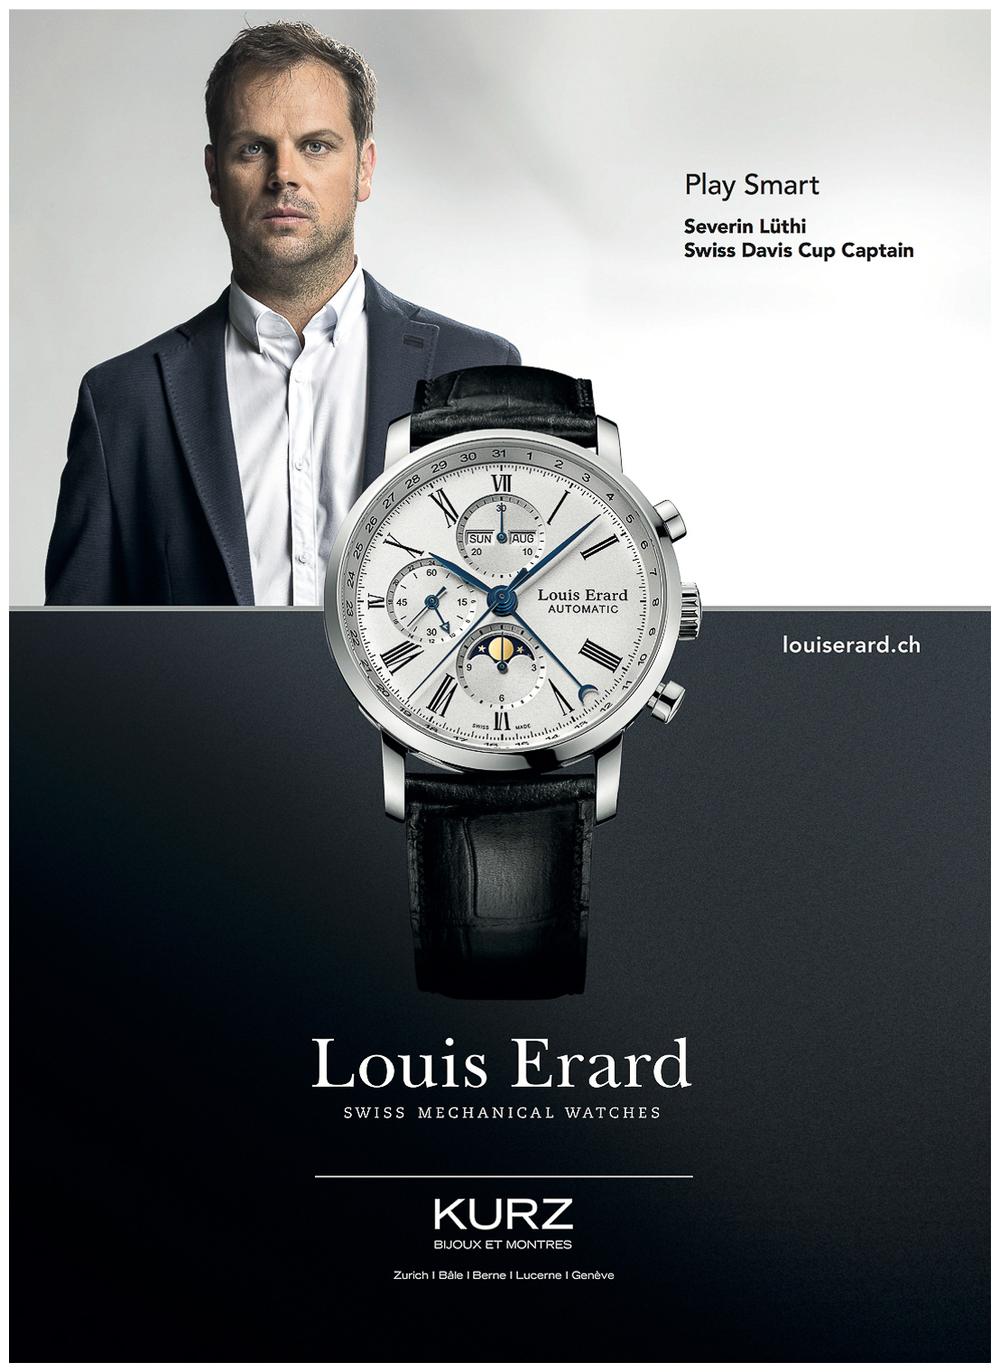 Séverin Lüthi pour les montres Louis Erard